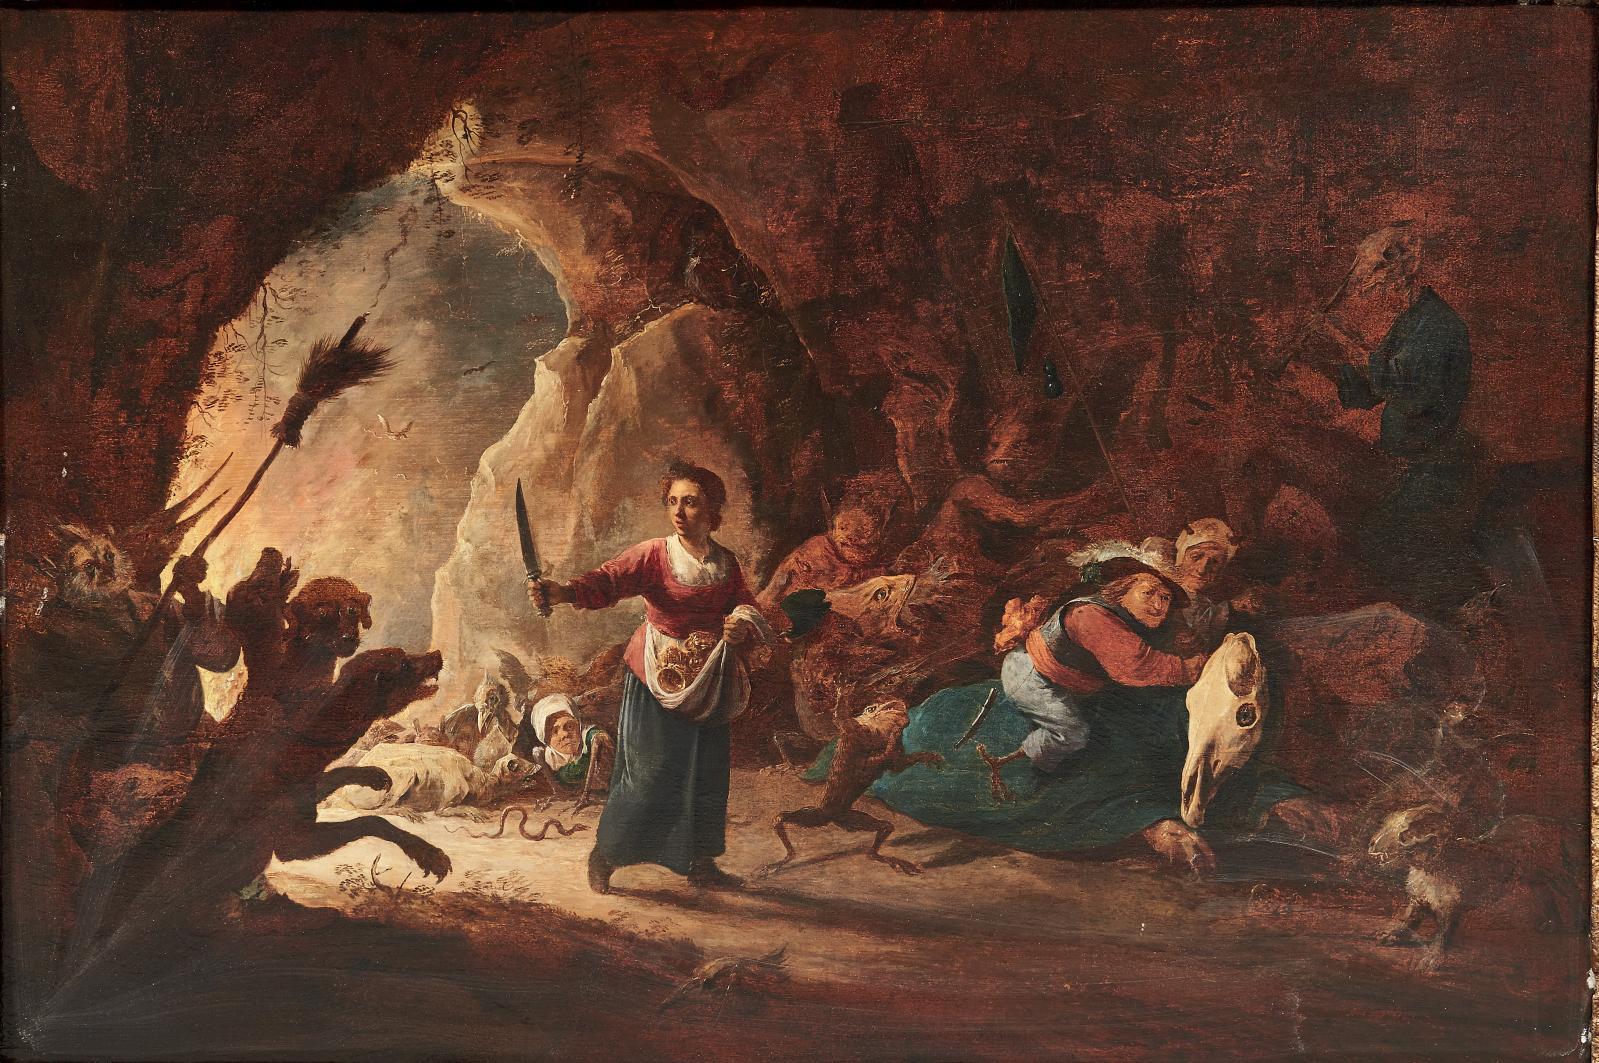 Cornelis Saftleven (1607-1681), Scène de sorcellerie, panneau de chêne, 58,5x84cm.Paris, Drouot, 12juin 2015. Pierre Bergé &AssociésOVV. M.Mill